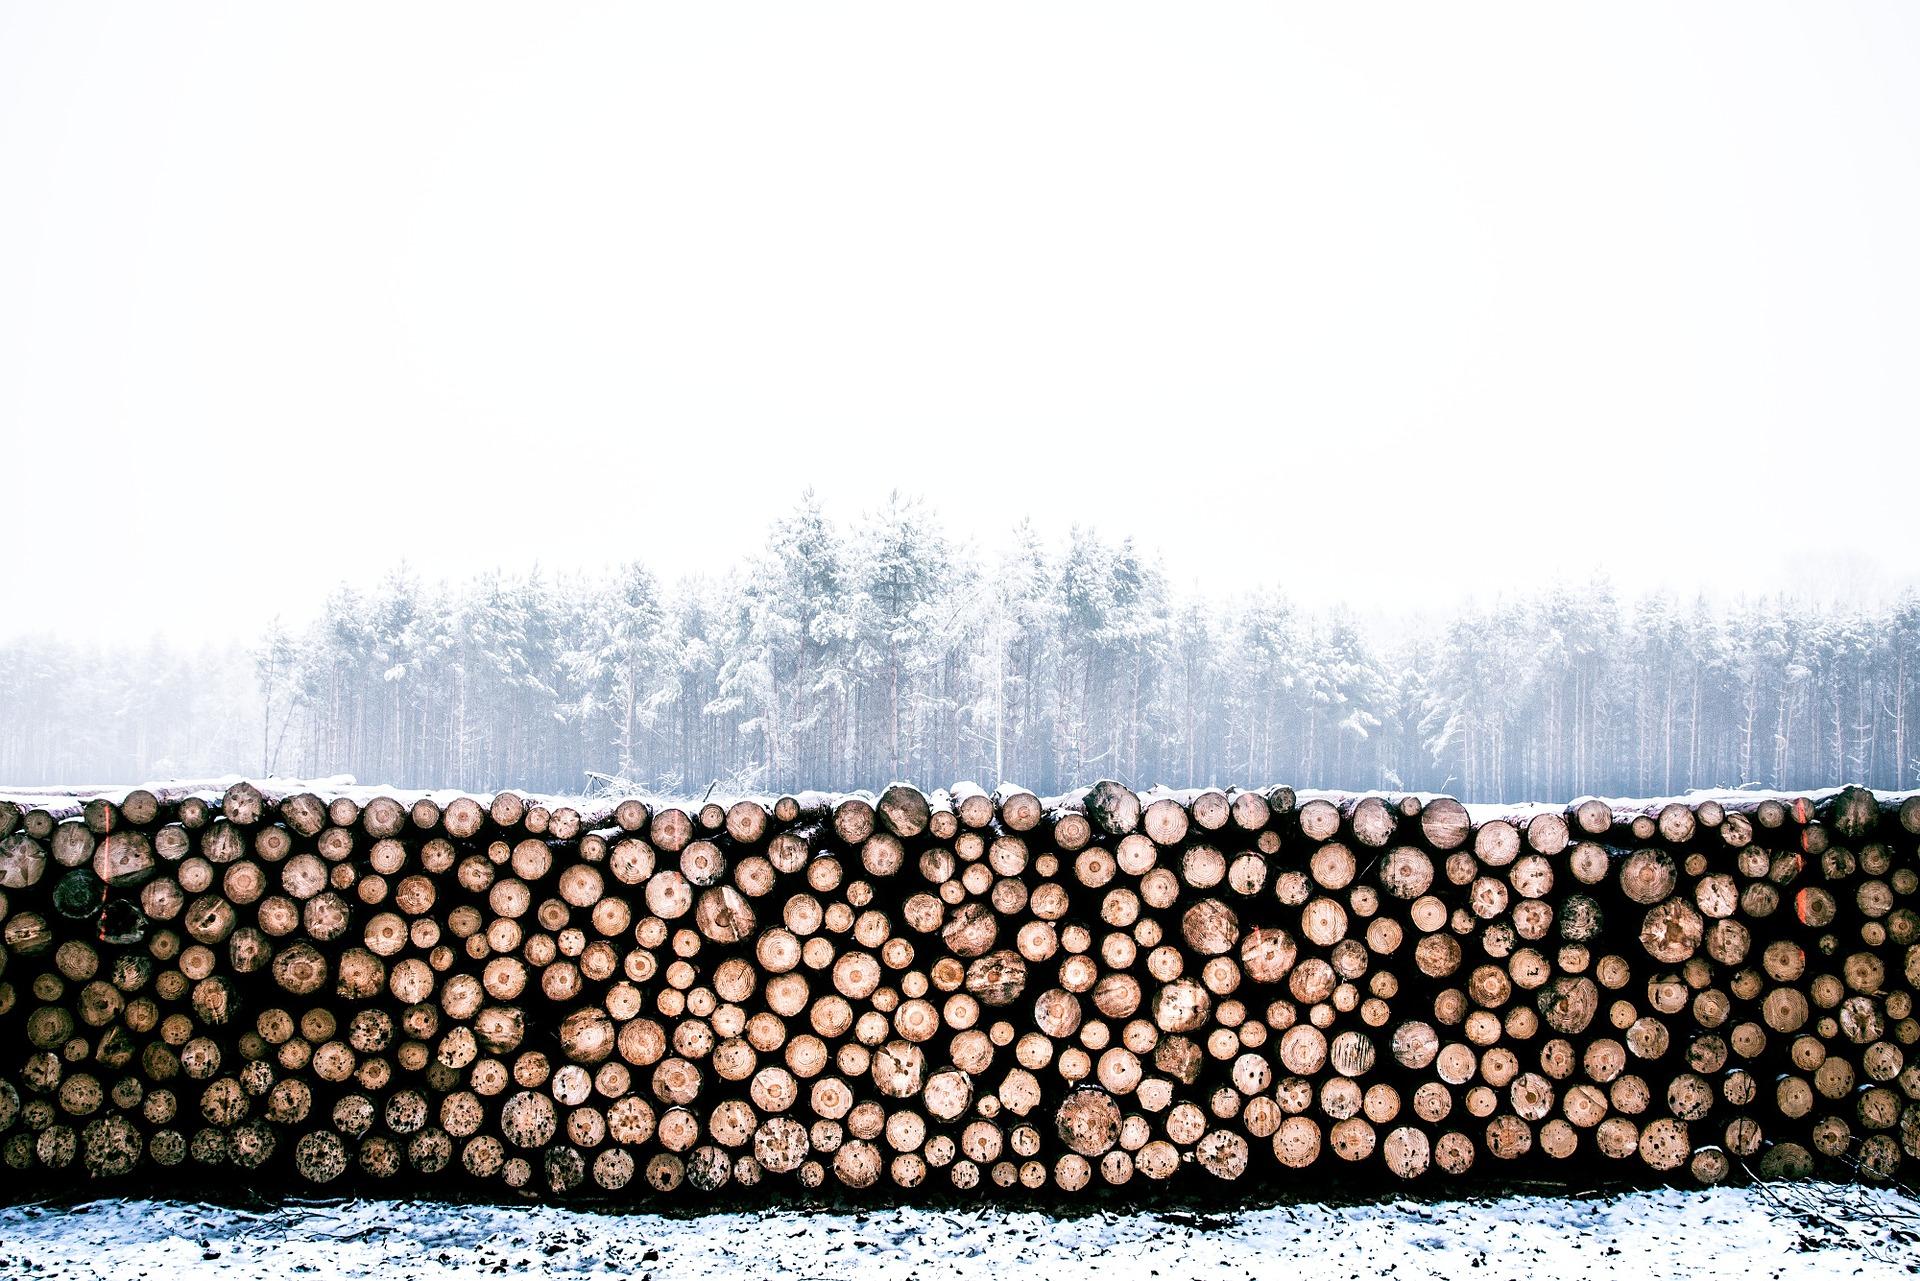 lumber-1246545_1920.jpg